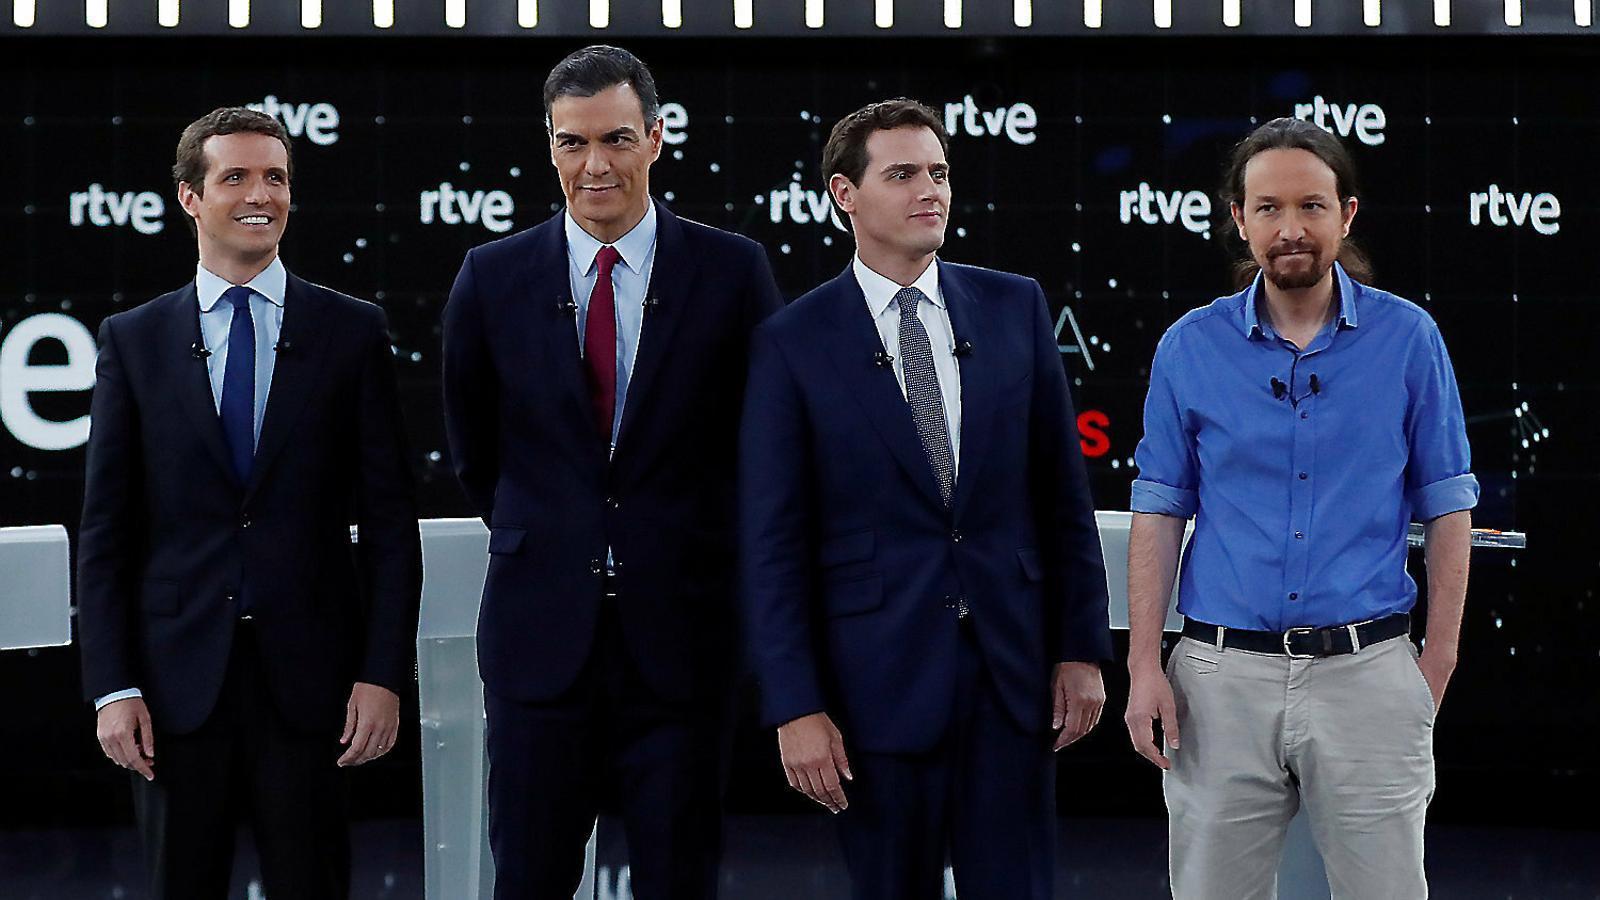 El debat electoral a RTVE en 10 frases